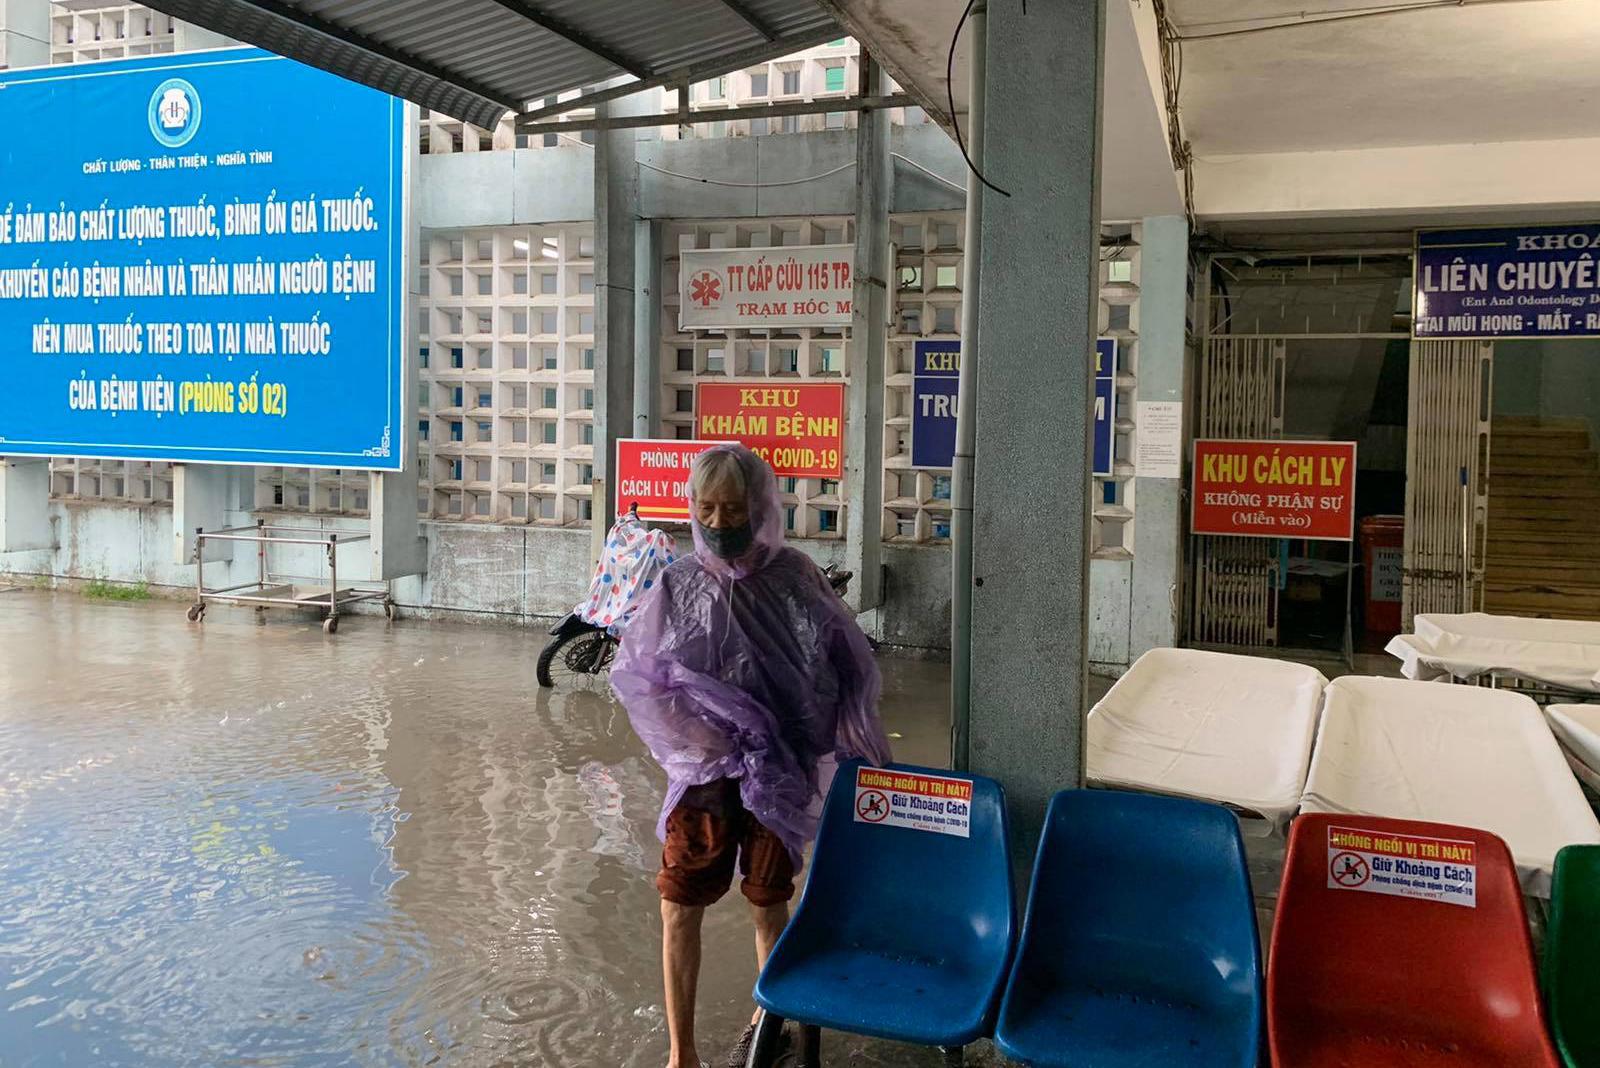 Ảnh: Bệnh viện ở Sài Gòn ngập như bể bơi sau trận mưa như trút nước - 5